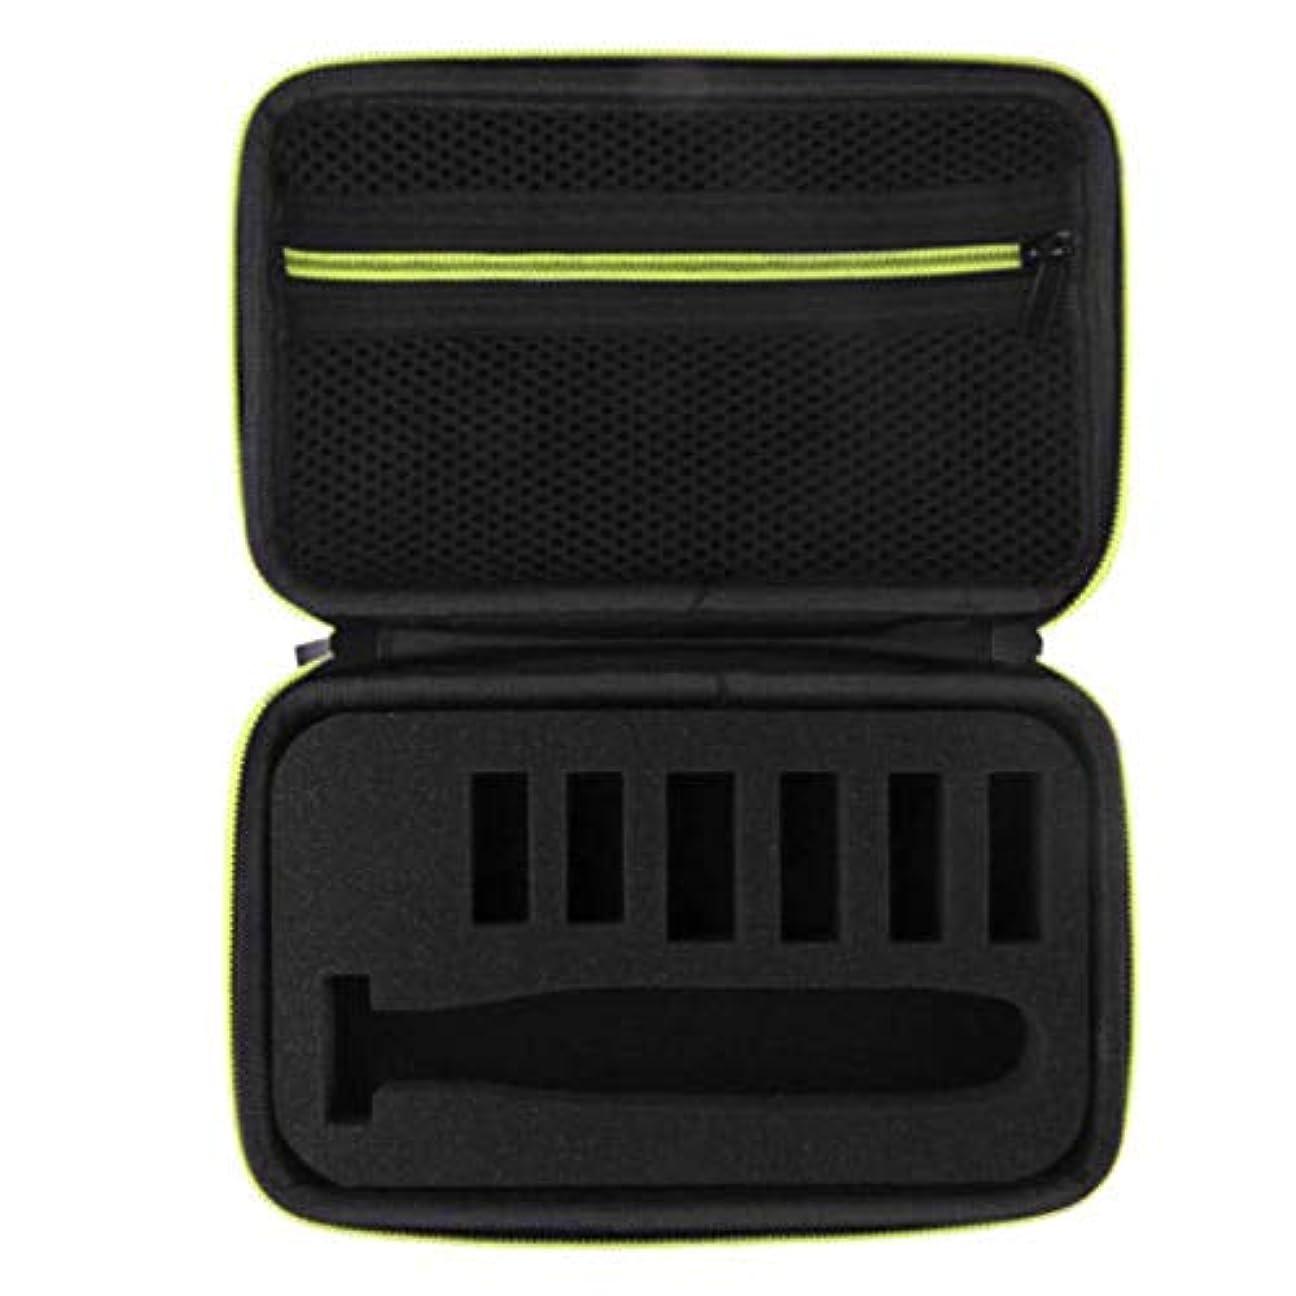 シャット脊椎肝CUHAWUDBA 1Xシェーバー収納キャリングケースボックスキャリーバッグ One Blade Pro Razor Ukに適合します